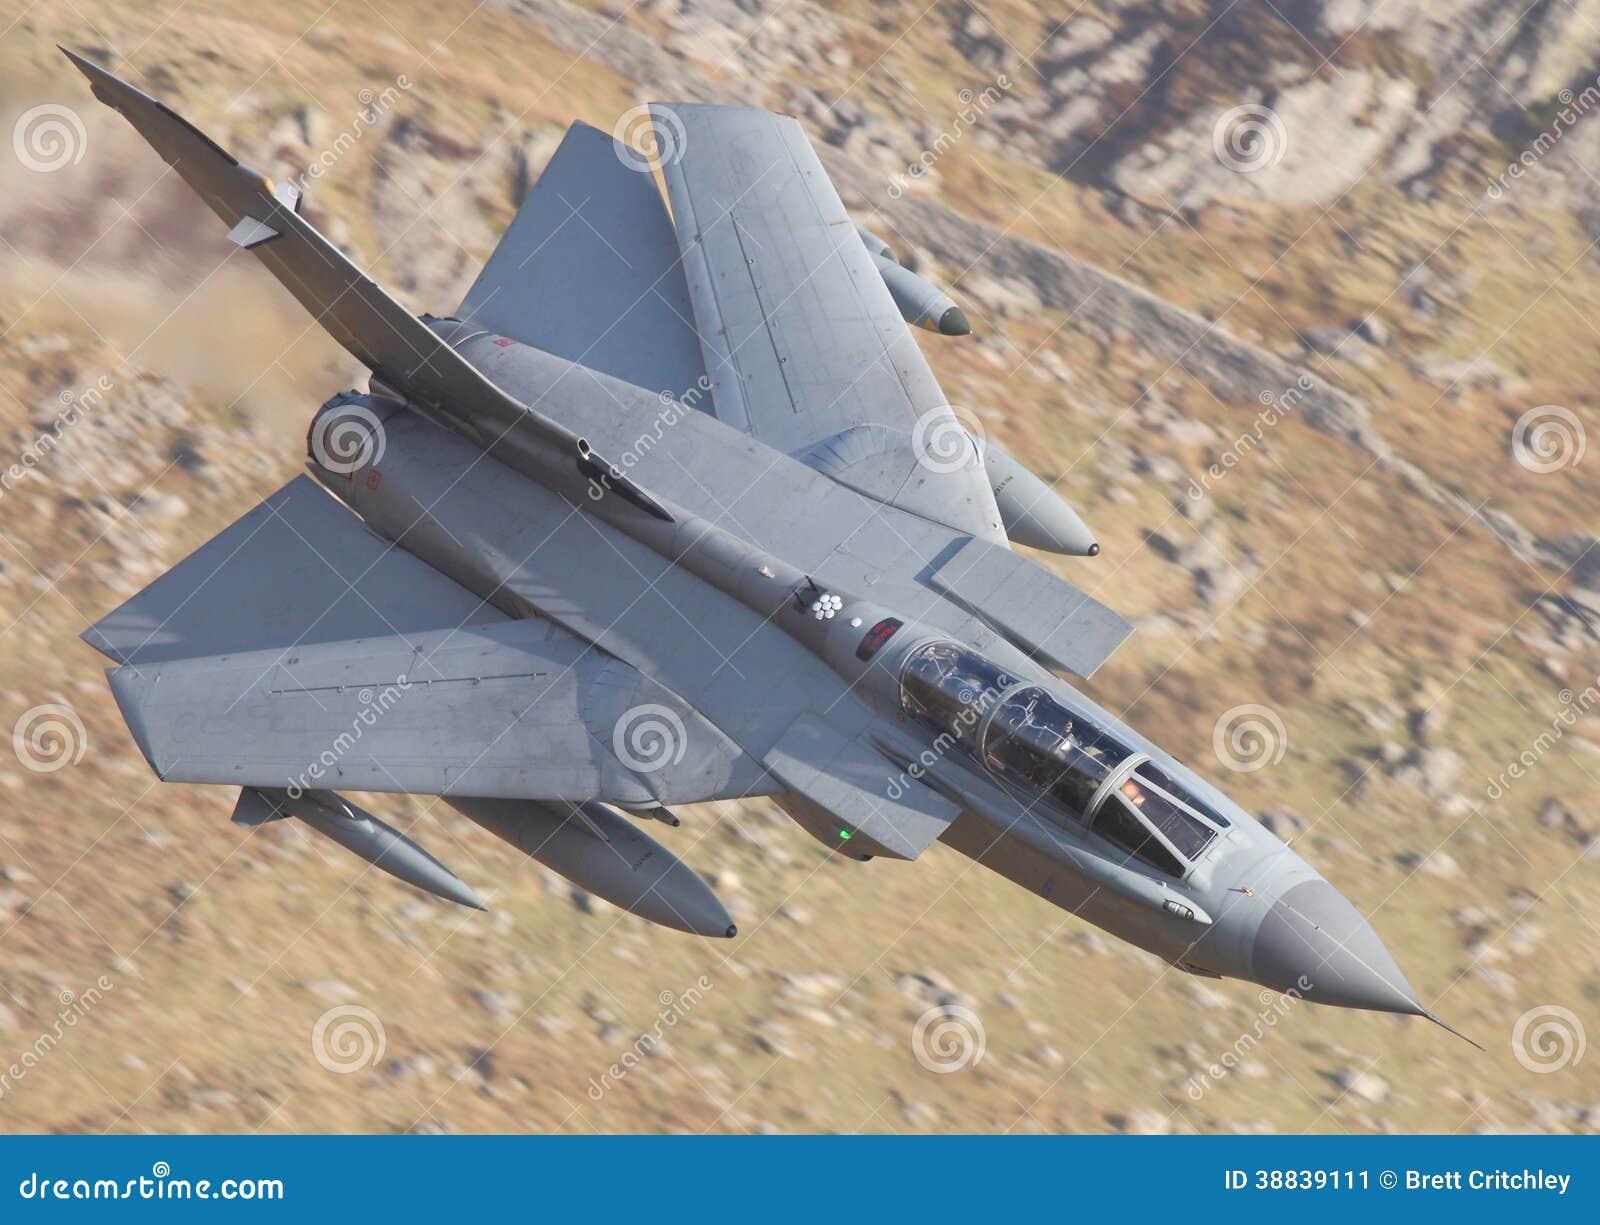 Aereo Da Caccia Gta 5 : Aereo da caccia spazzato di tornado immagine stock